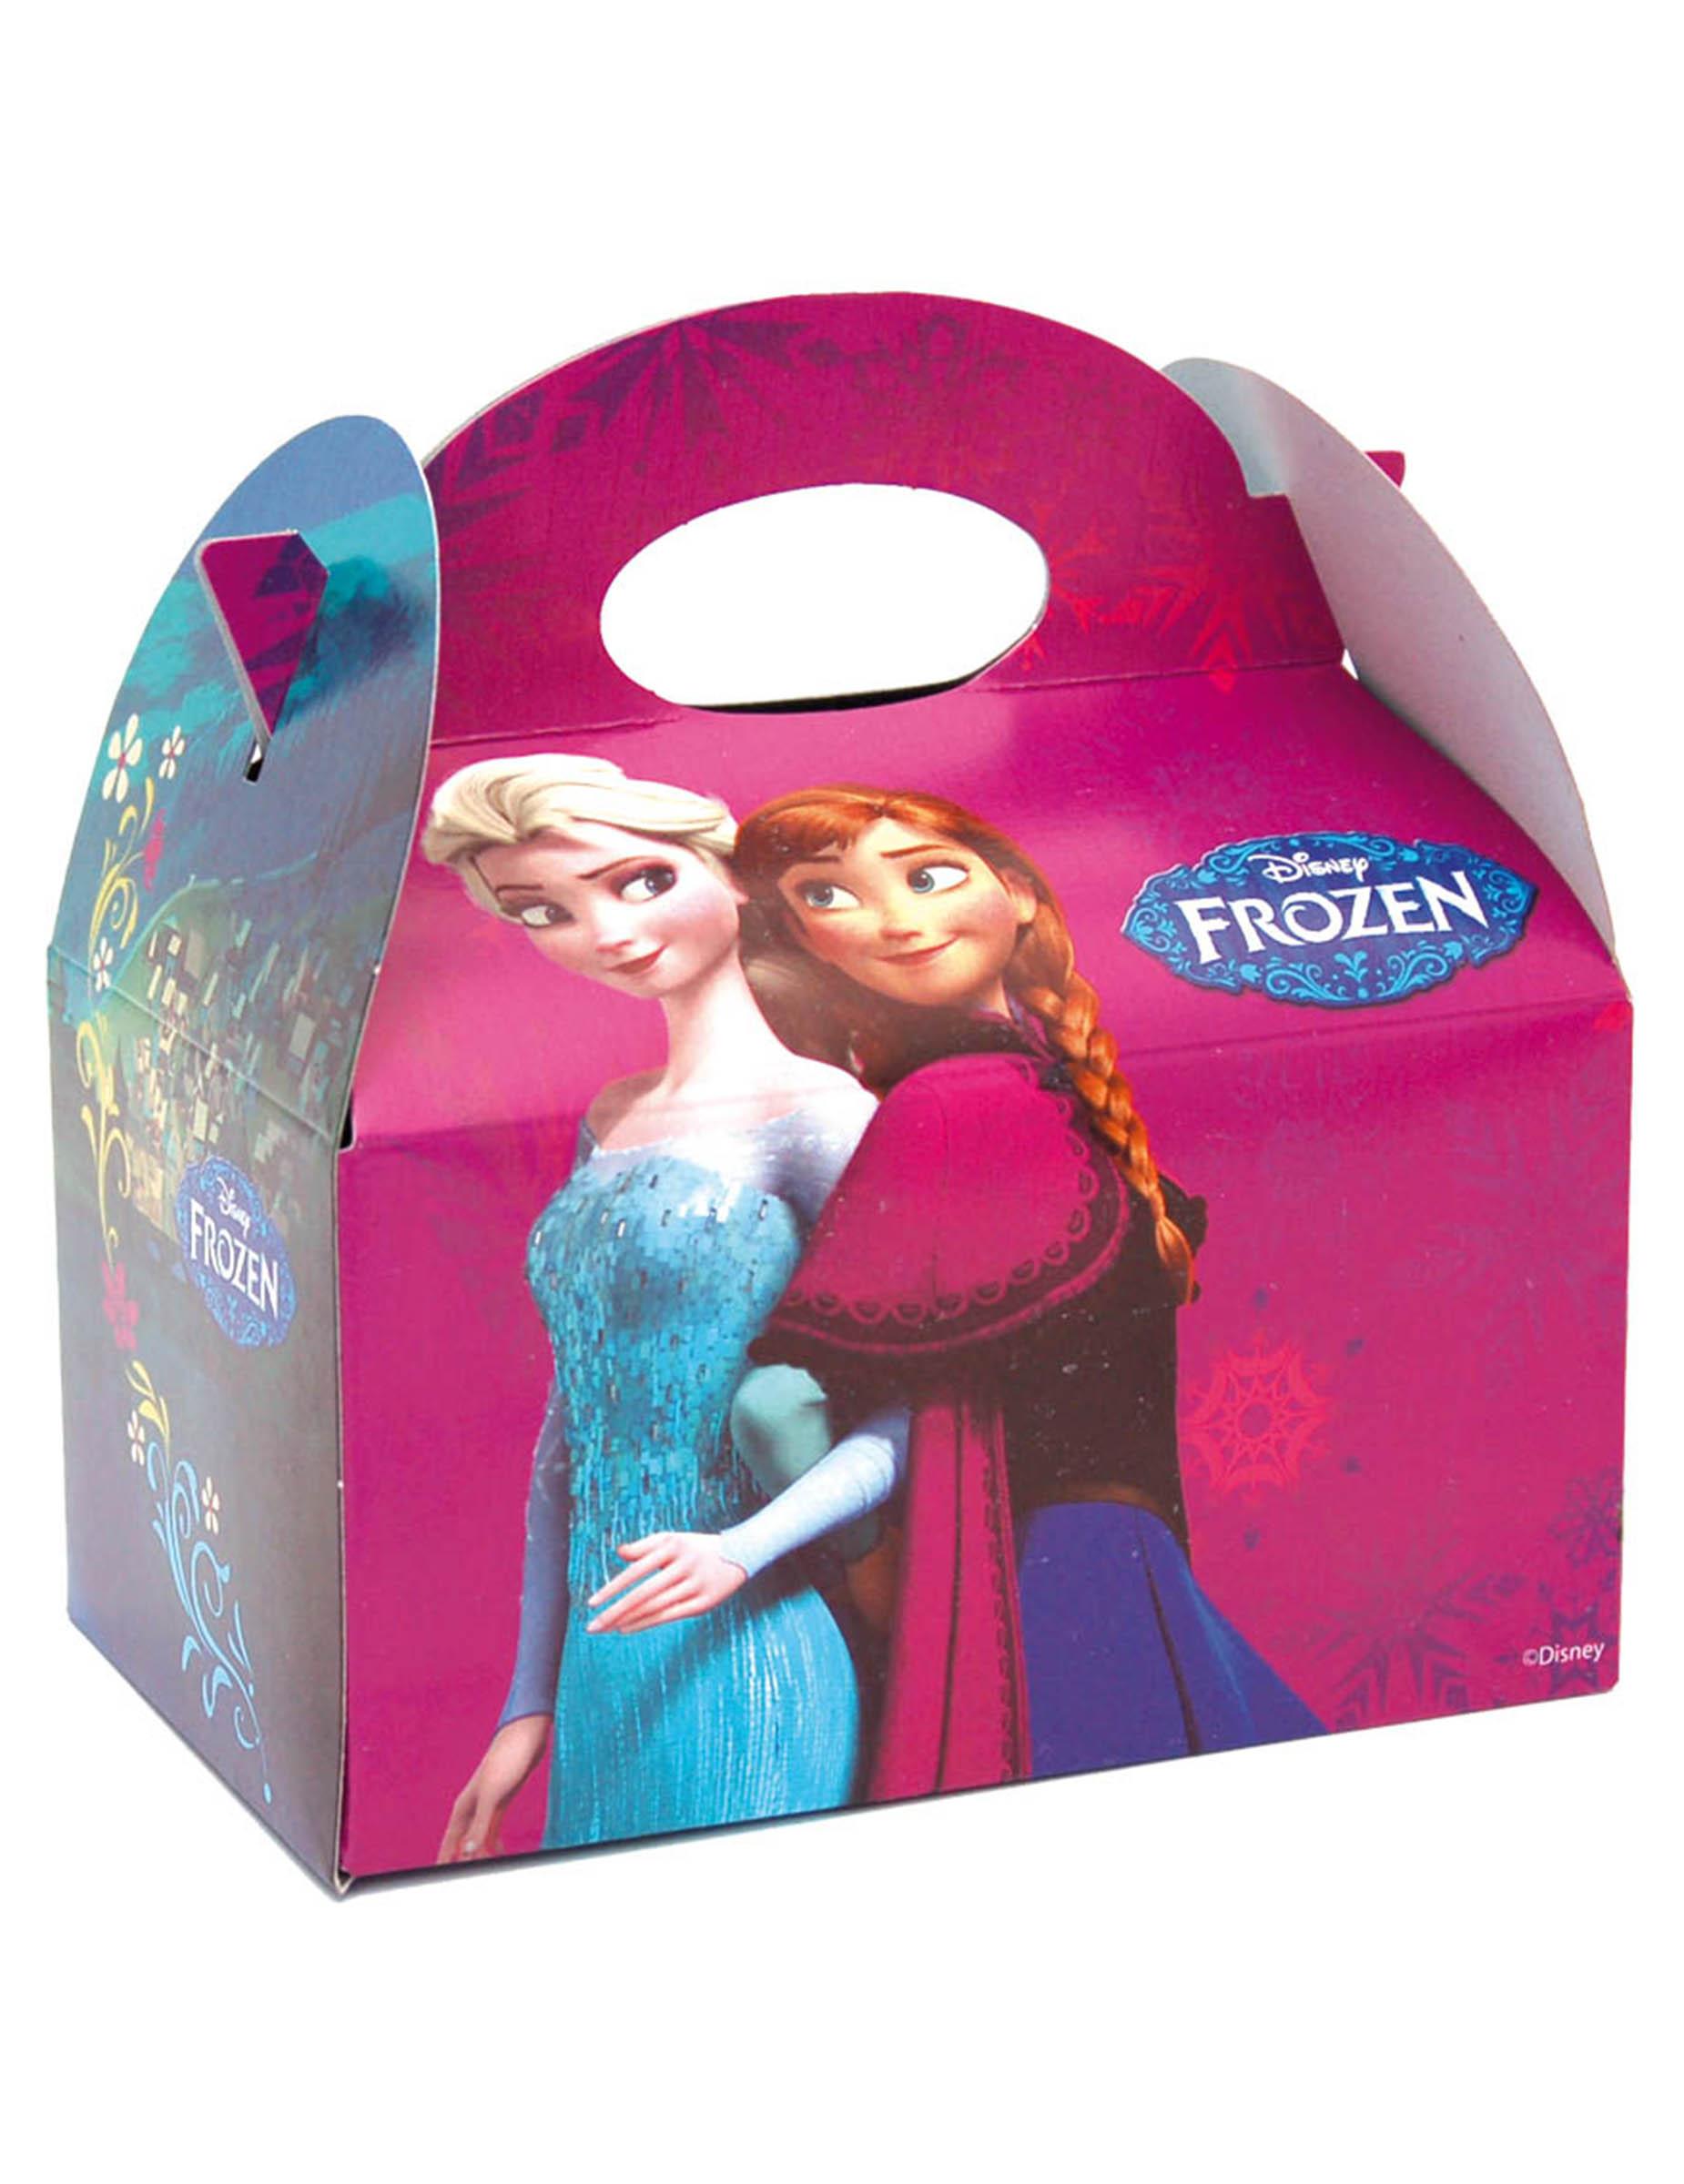 Bo te cadeaux la reine des neiges 16 x 10 5 x 16 cm deguise toi achat de decoration - Boite a bijoux reine des neiges ...